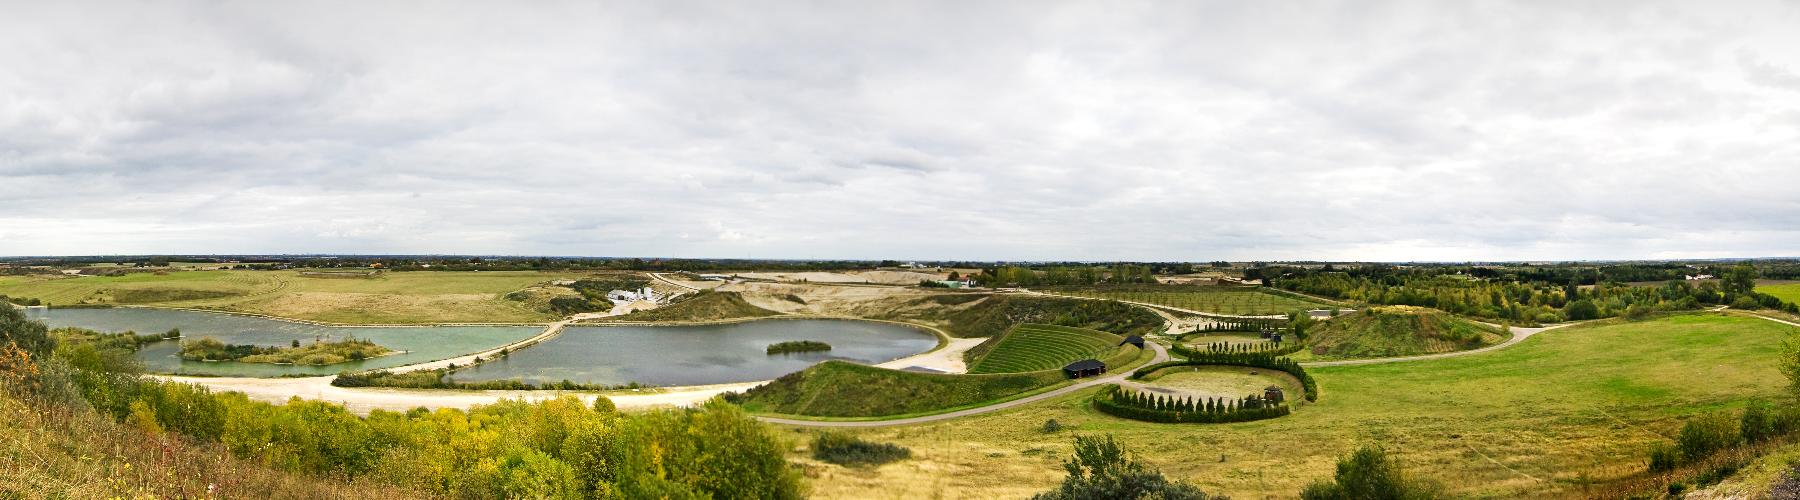 Høje-Taastrup Kommune cover image